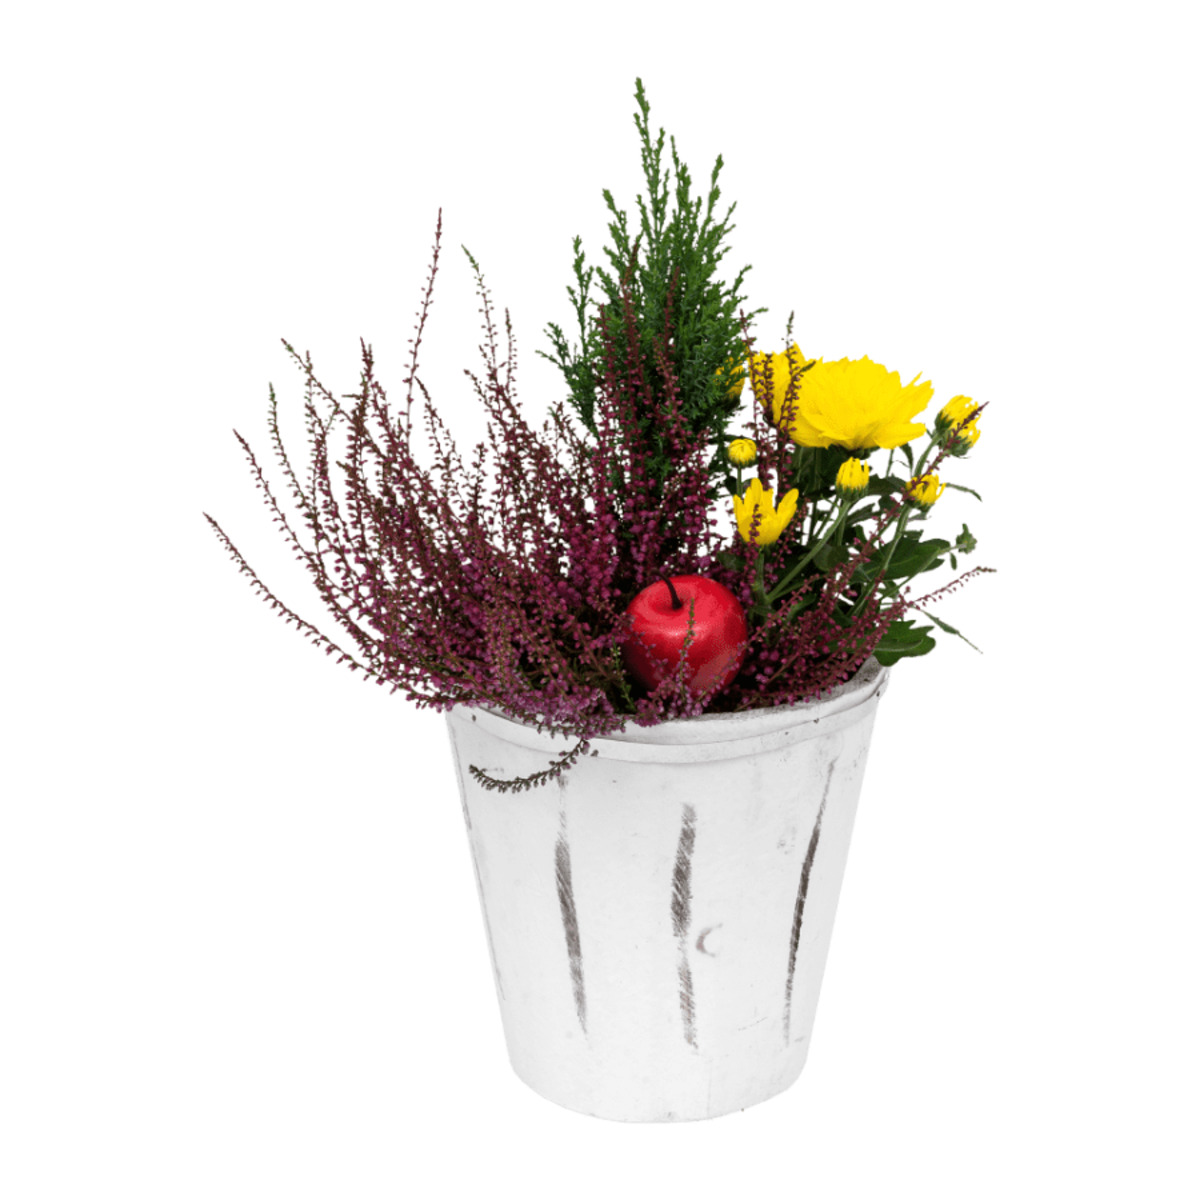 Bild 2 von GARDENLINE Bepflanztes Holzgefäß